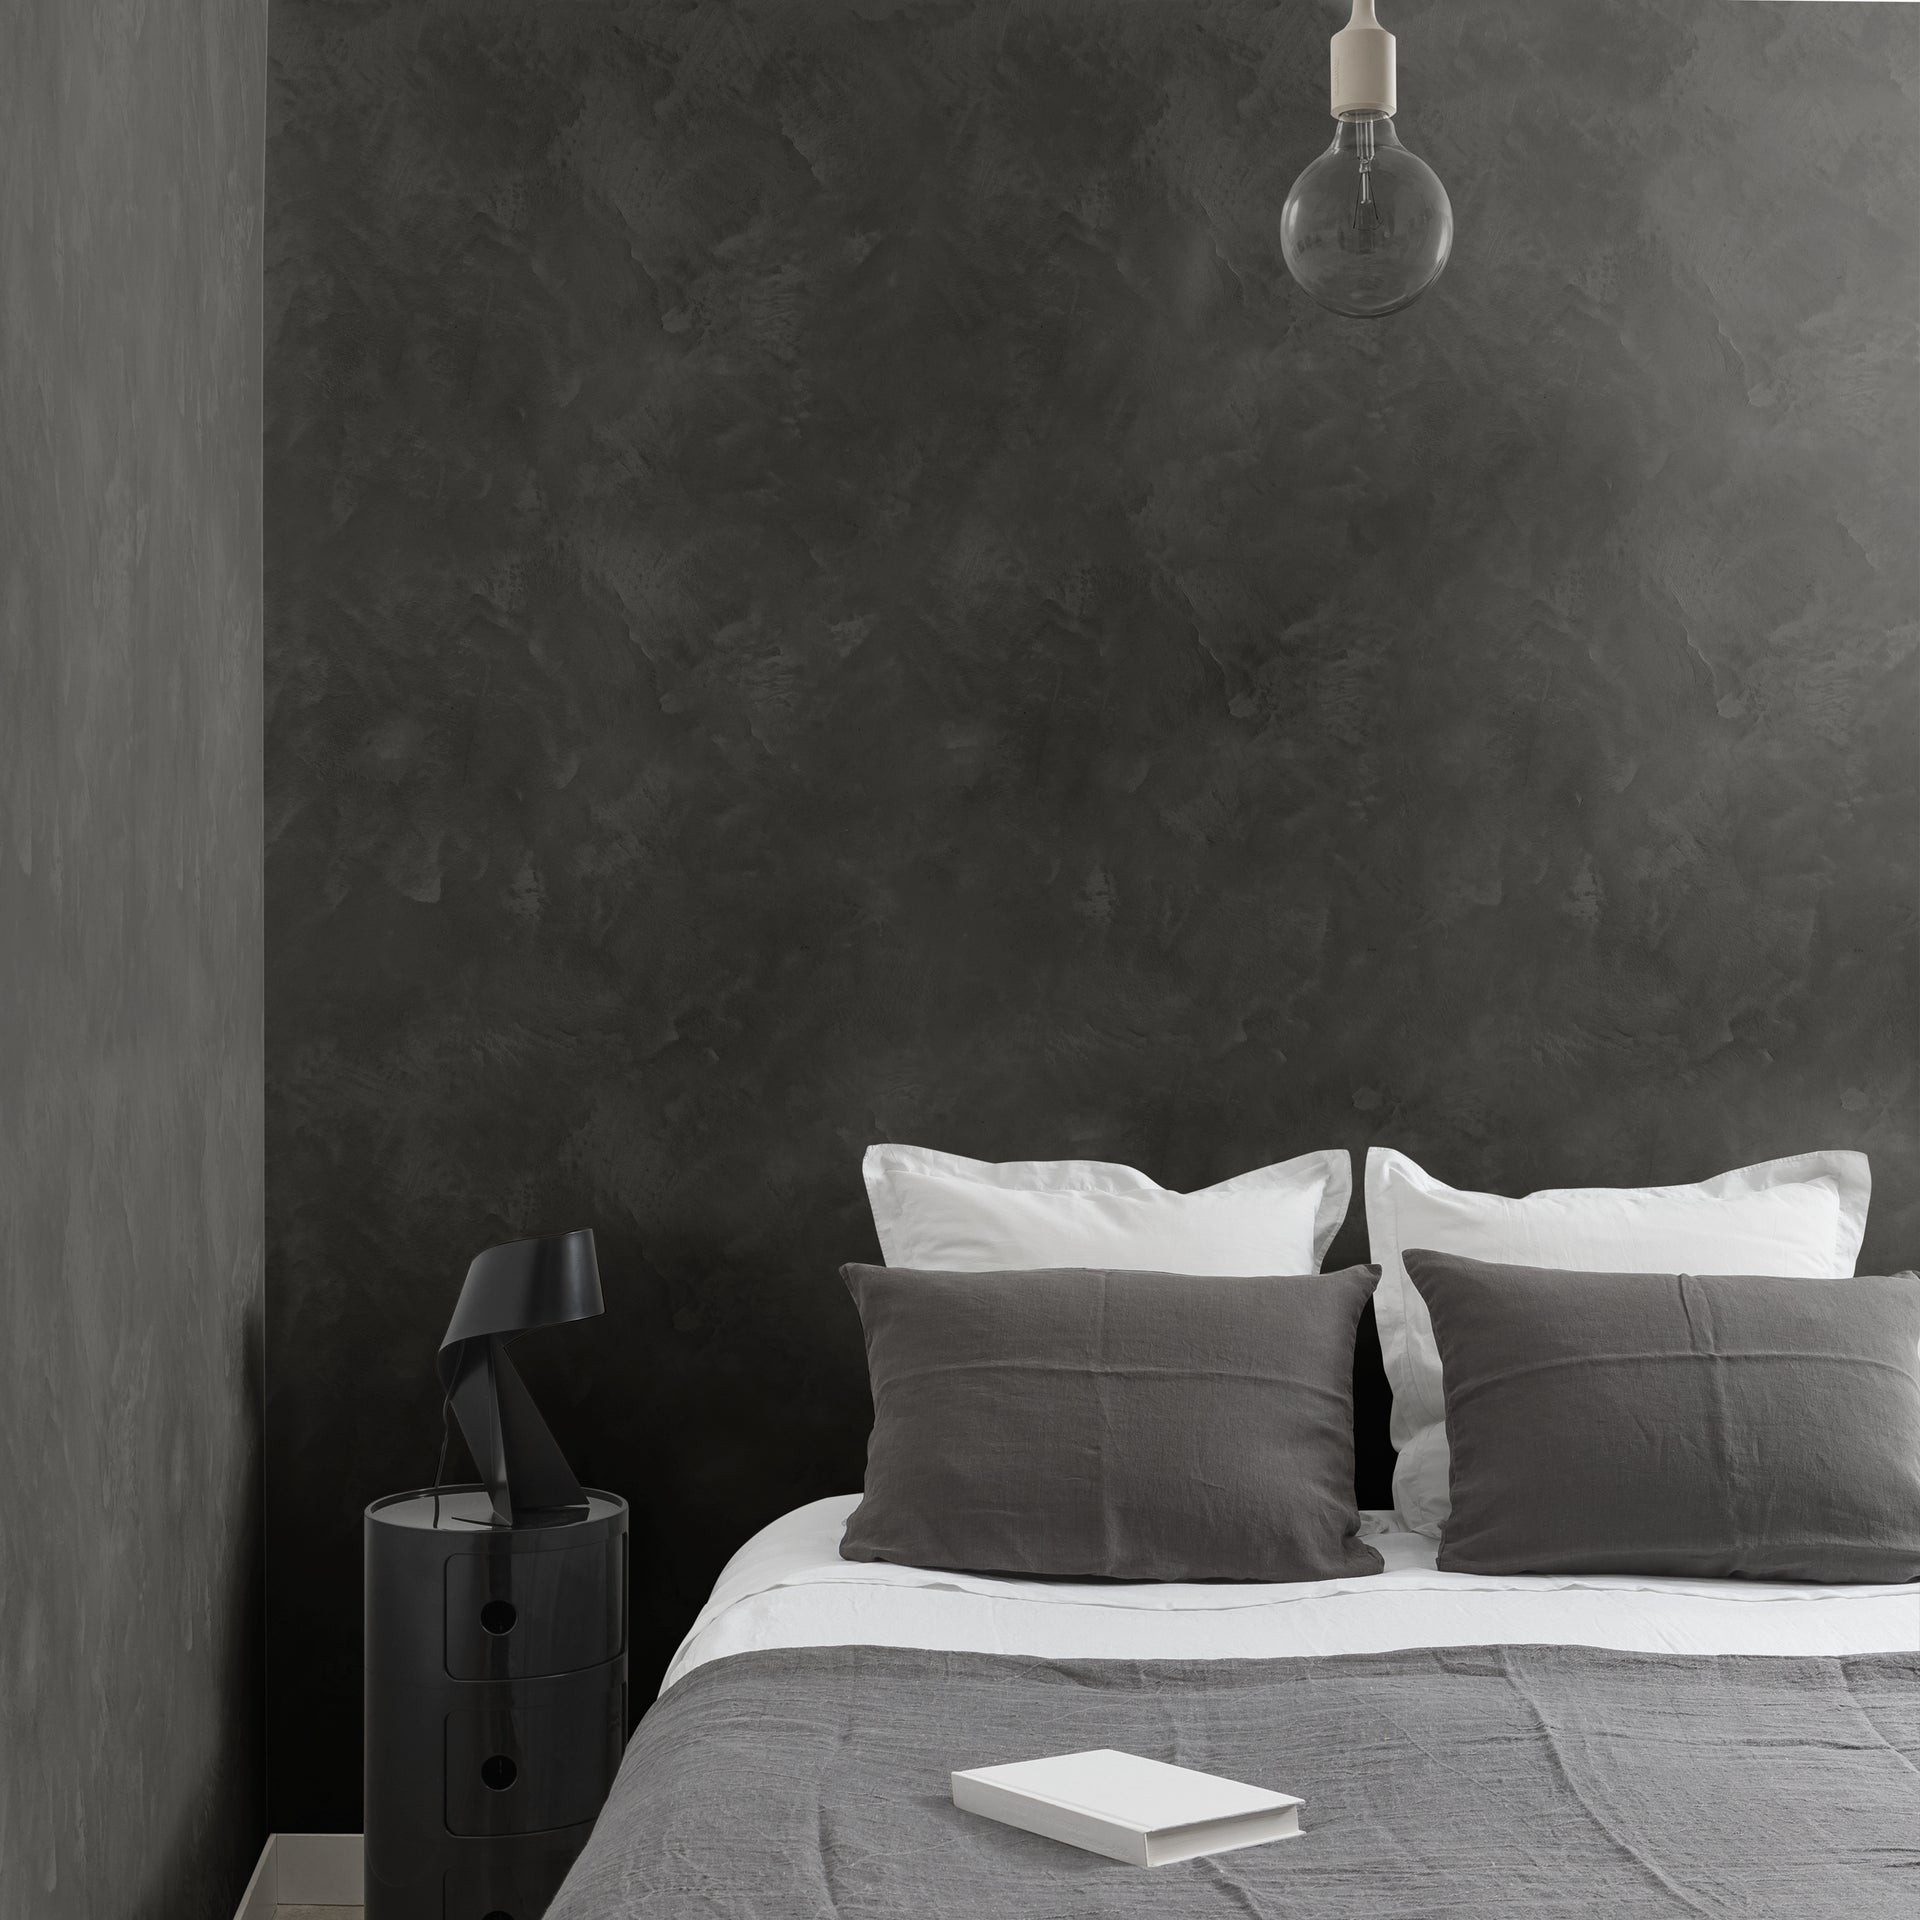 Enduit Decoratif Reliss Maison Deco Ardoise 15 Kg Leroy Merlin